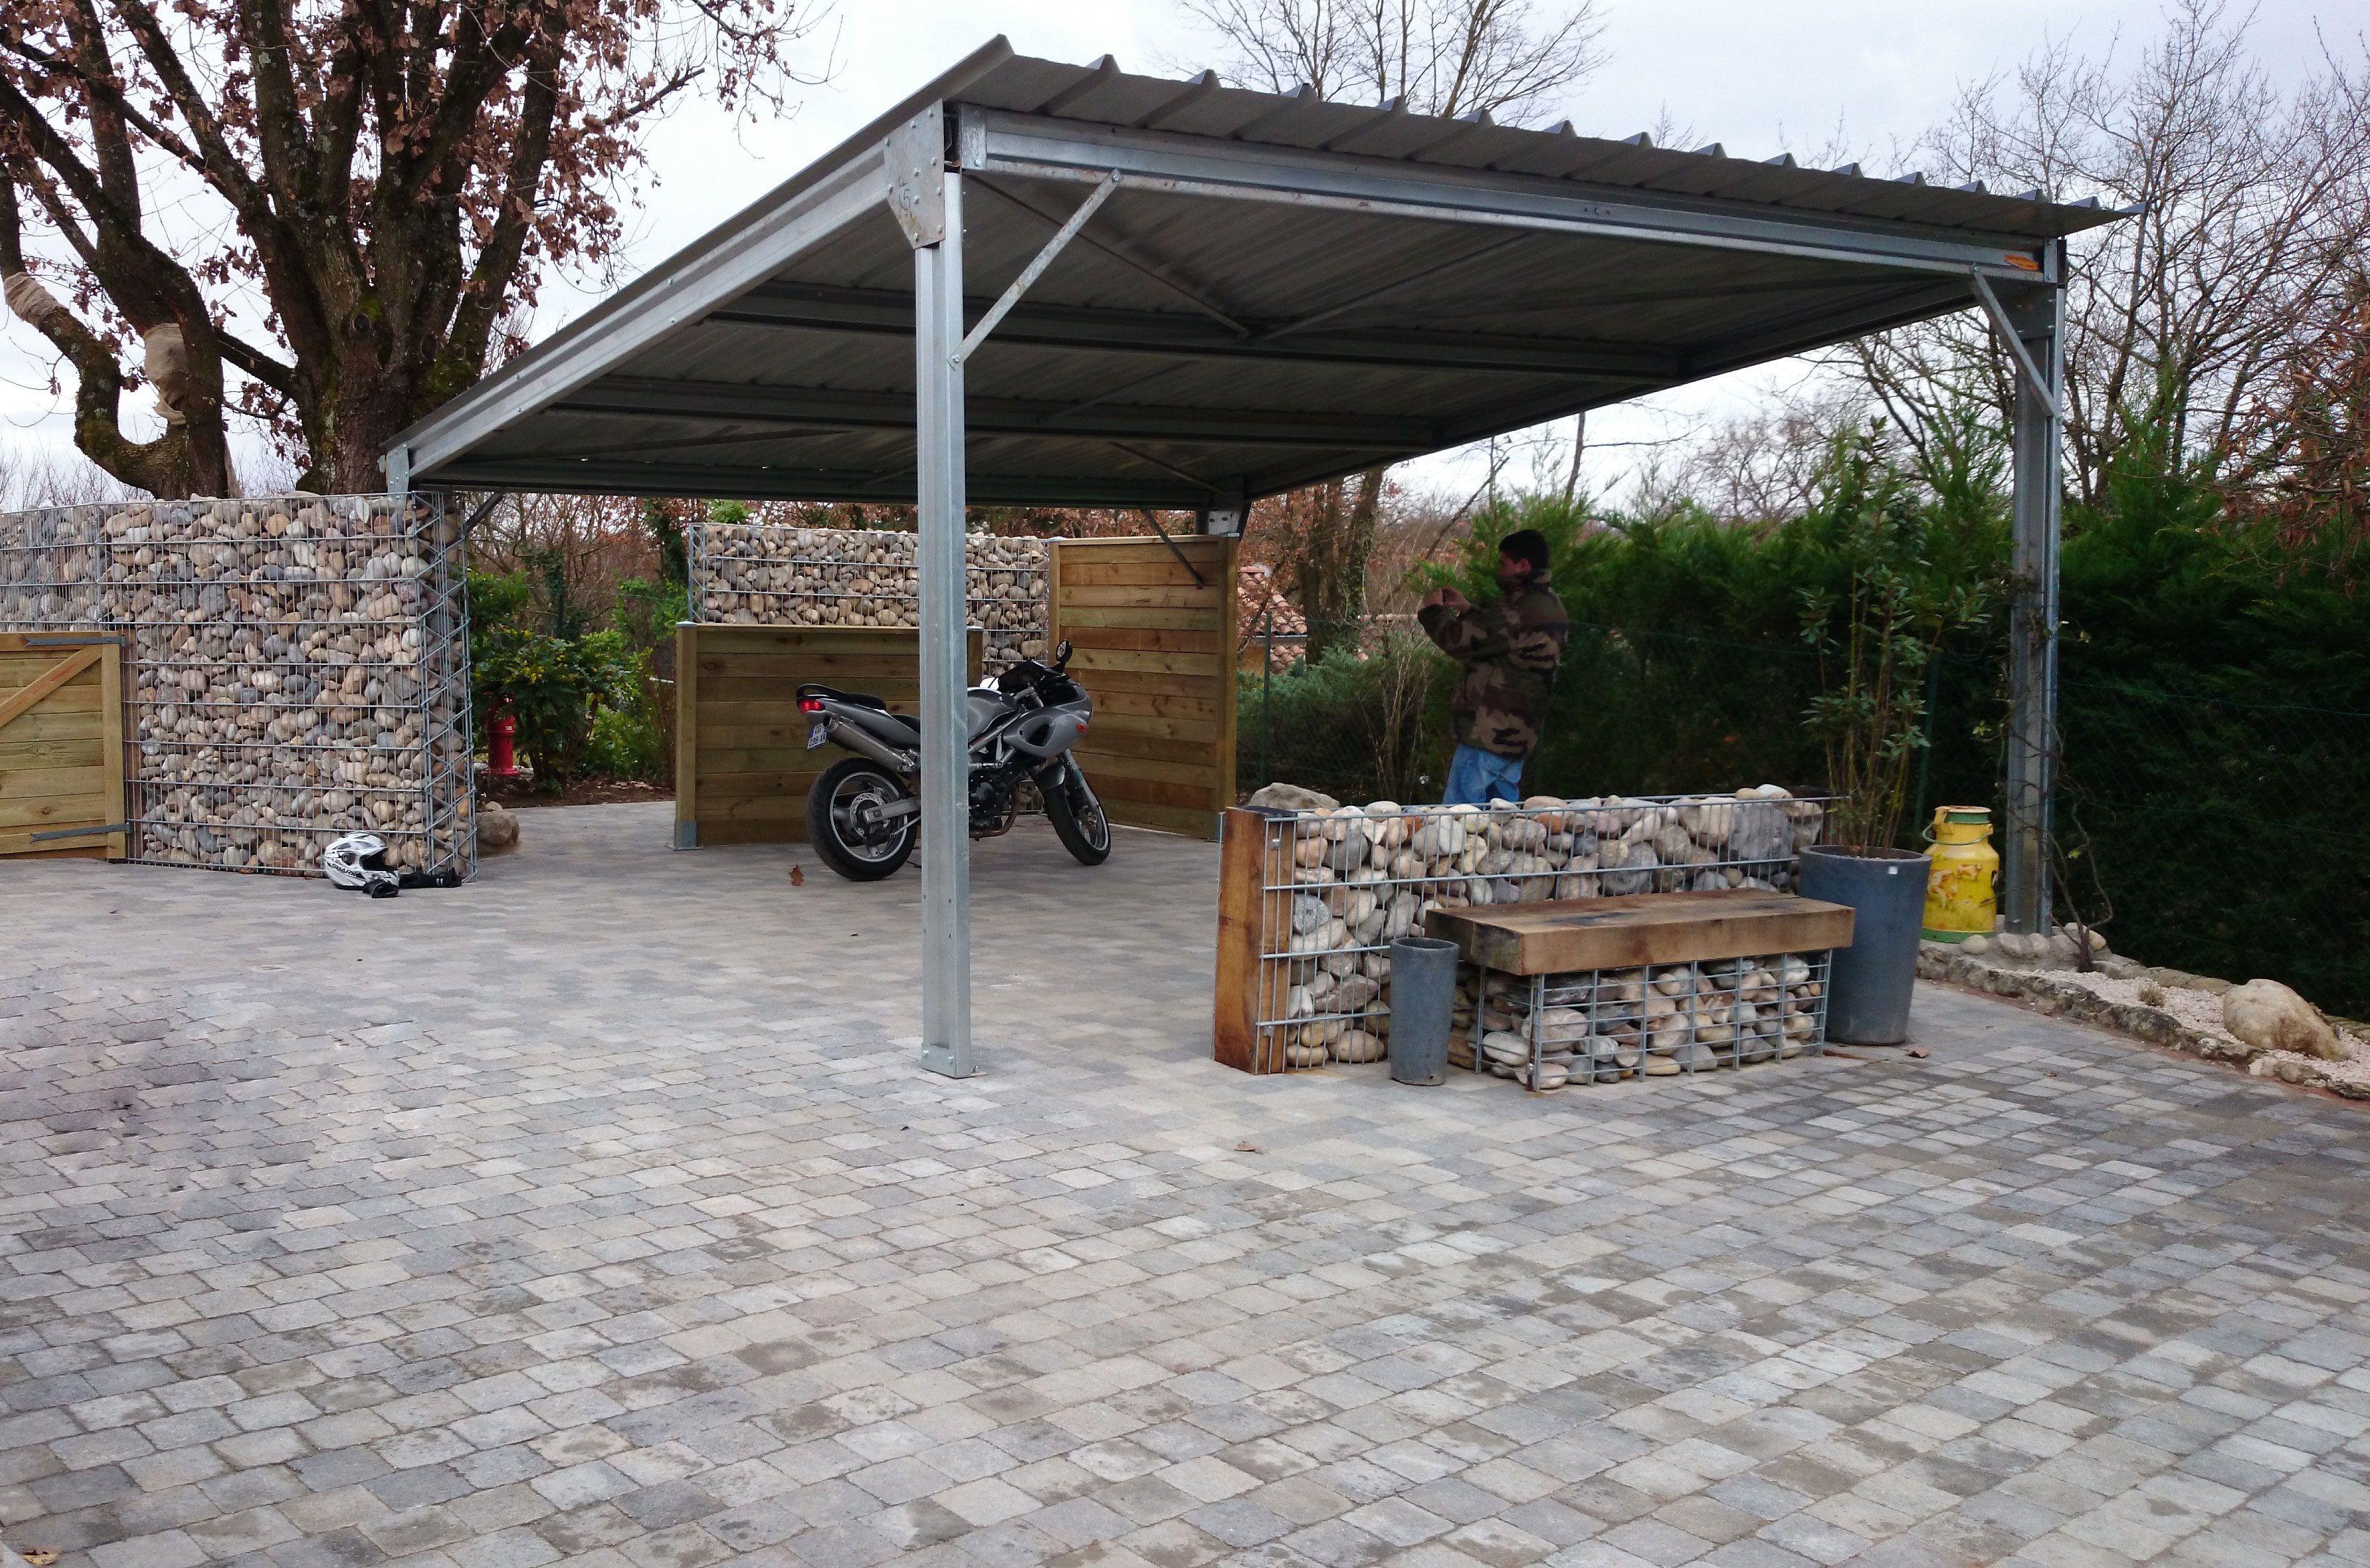 le carport est un indispensable au jardin pour prot ger sa voiture mais il n est pas toujours. Black Bedroom Furniture Sets. Home Design Ideas